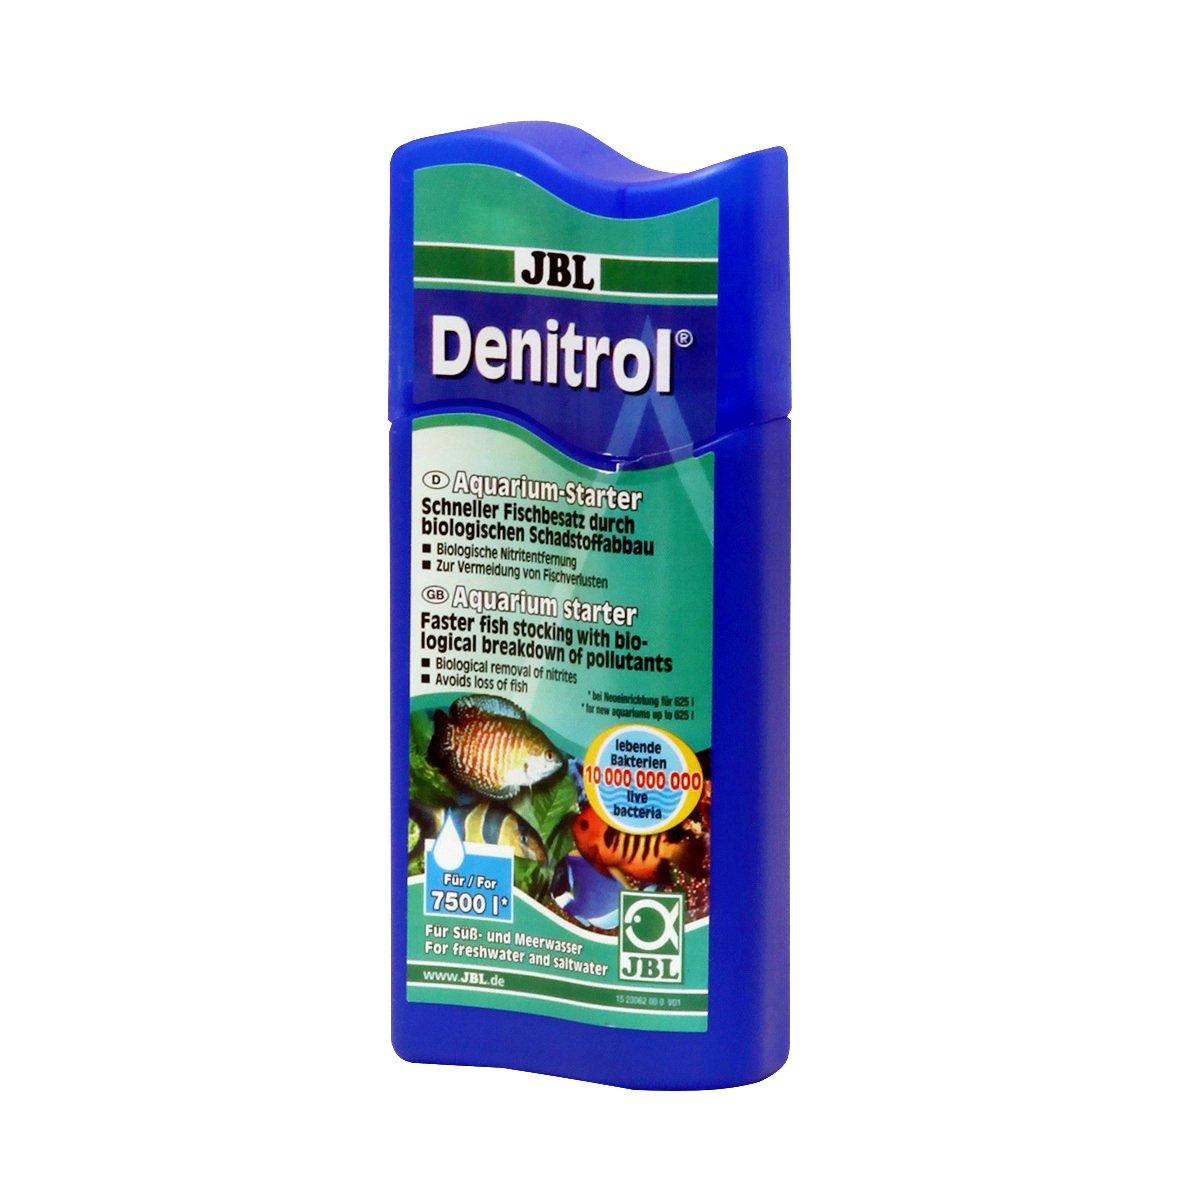 JBL Denitrol 250ml, Activateur de bactéries pour l'introduction de poissons dans les aquariums d'eau douce et d'eau de mer 2306200